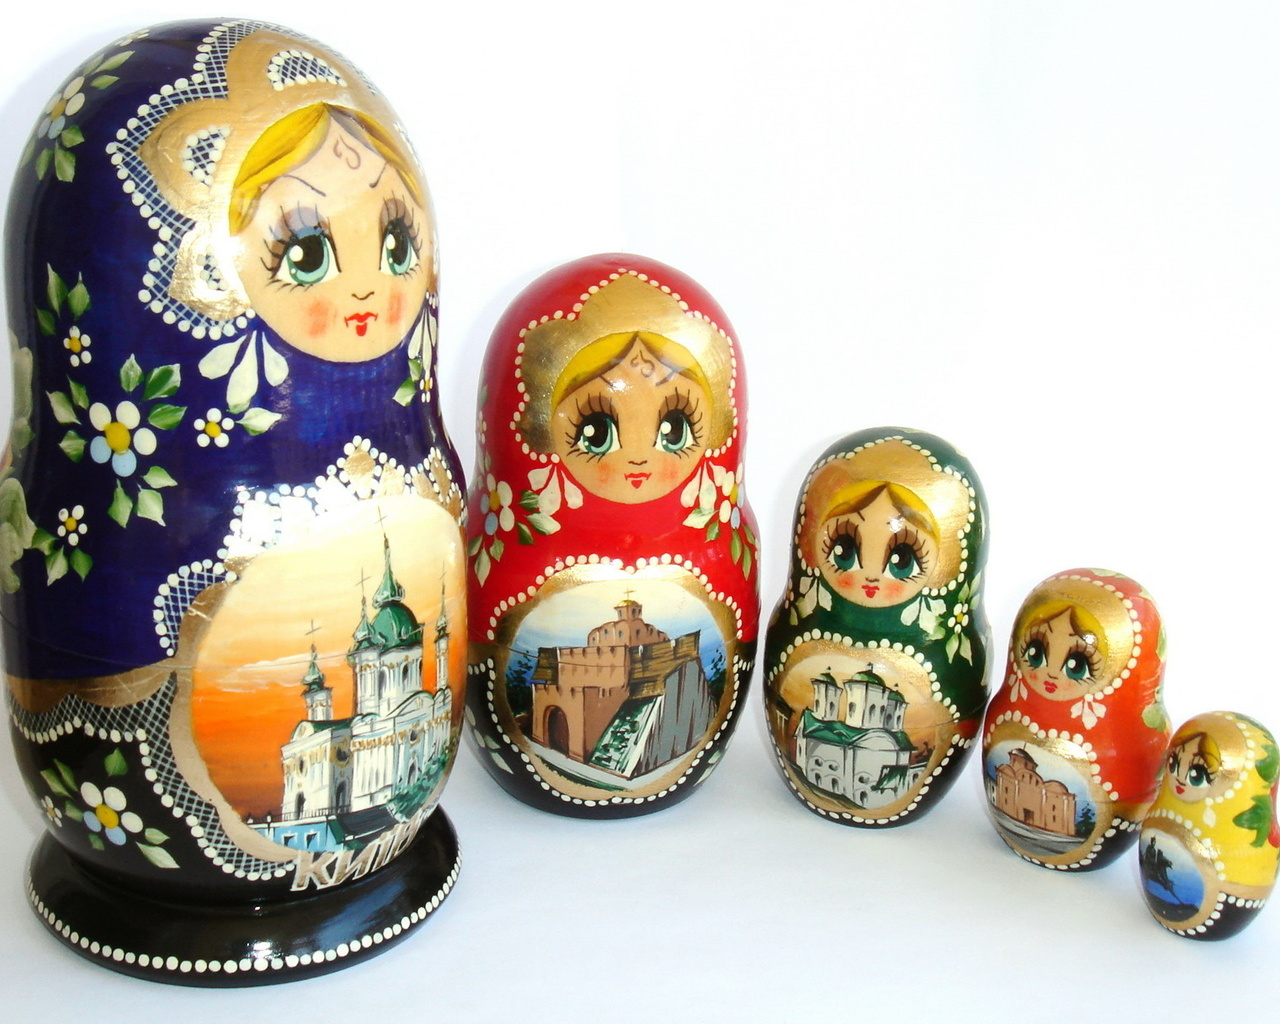 http://www.nastol.com.ua/download.php?img=201105/1280x1024/nastol.com.ua-1167.jpg